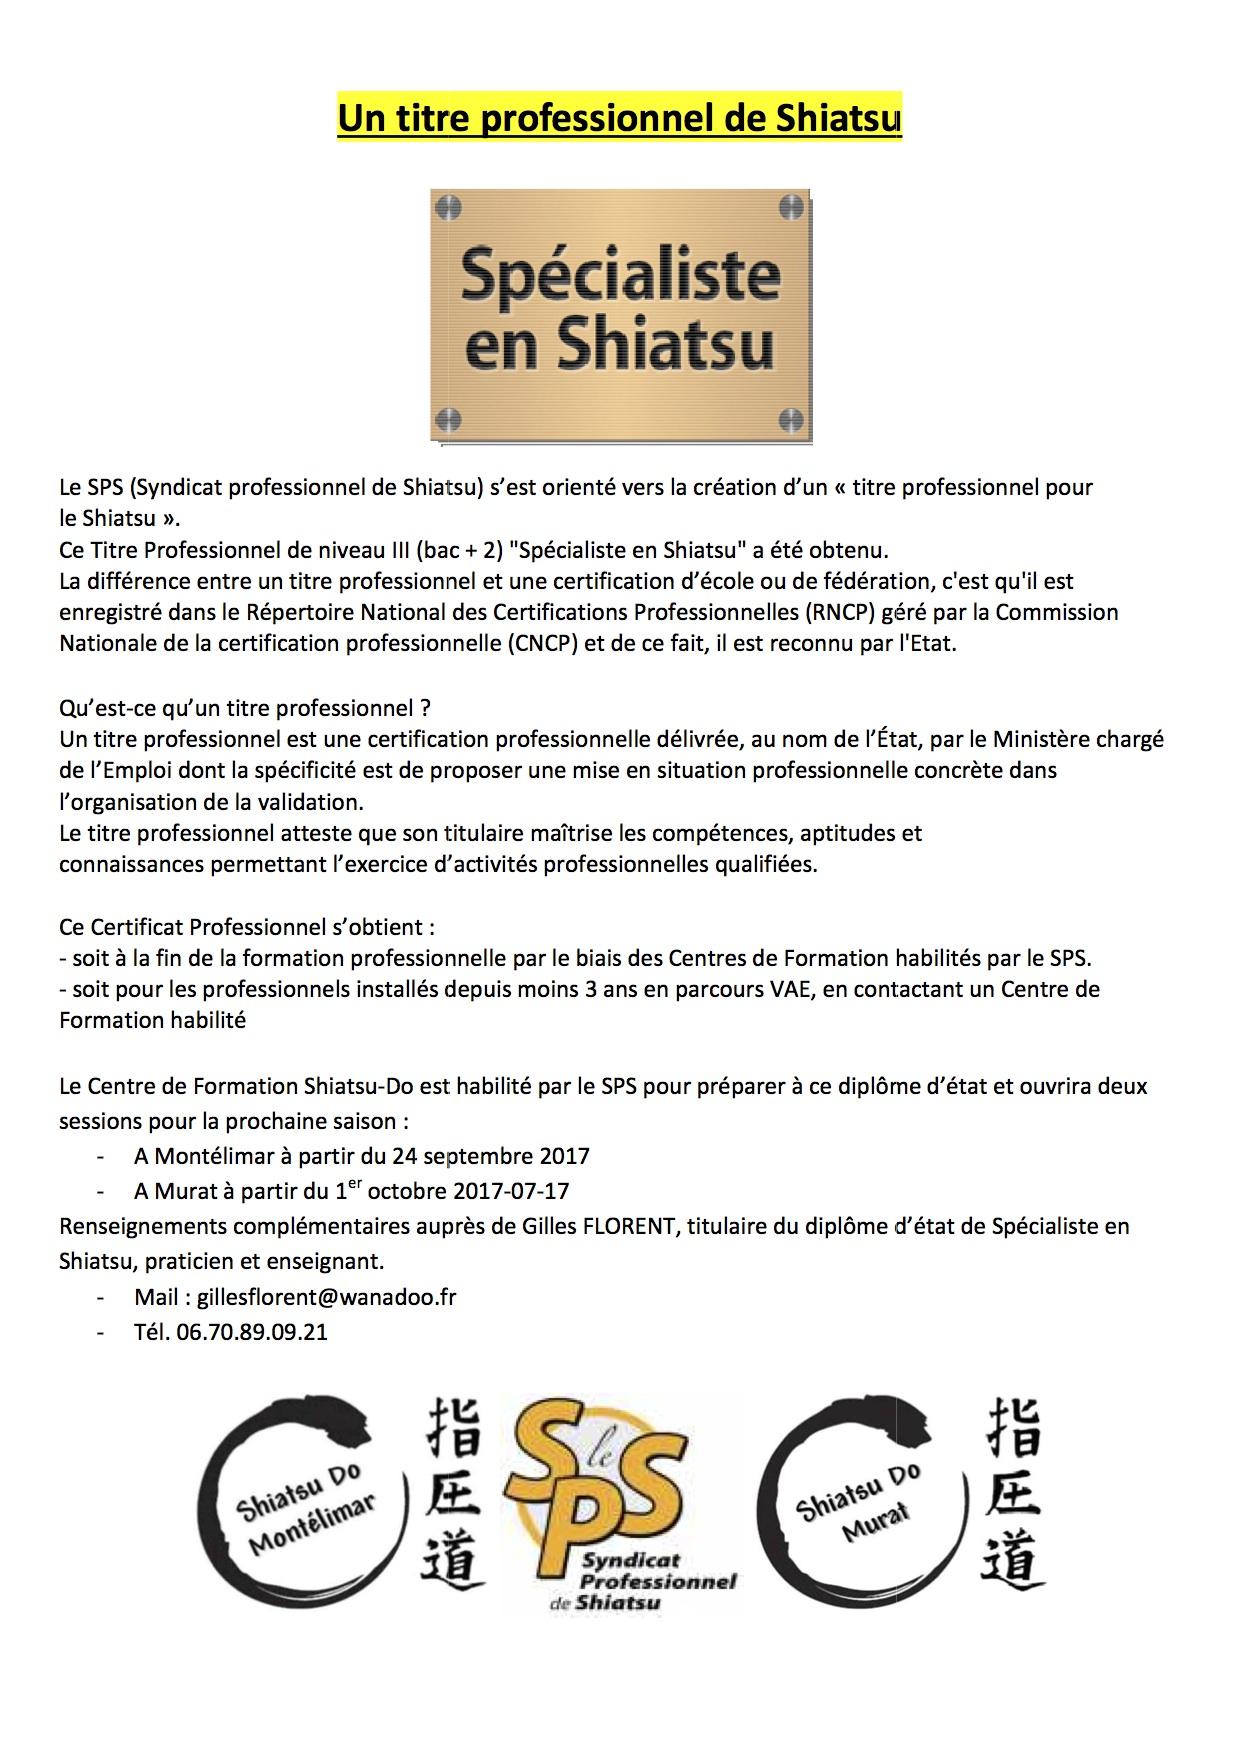 Diplome D Etat Pour La Formation Specialiste En Shiatsu Le